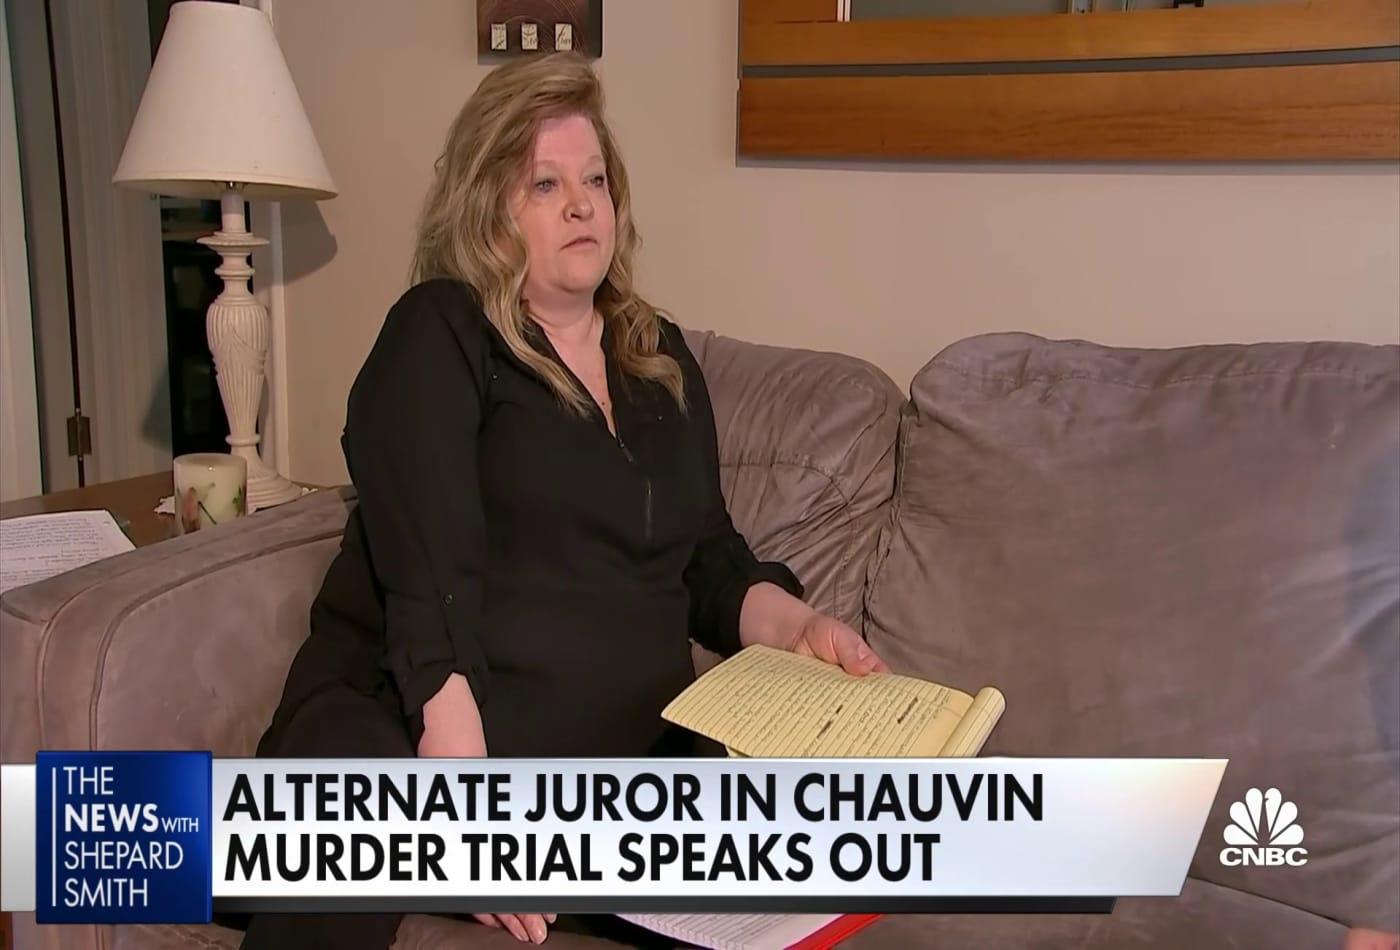 Alternate juror in Chauvin murder trial speaks out